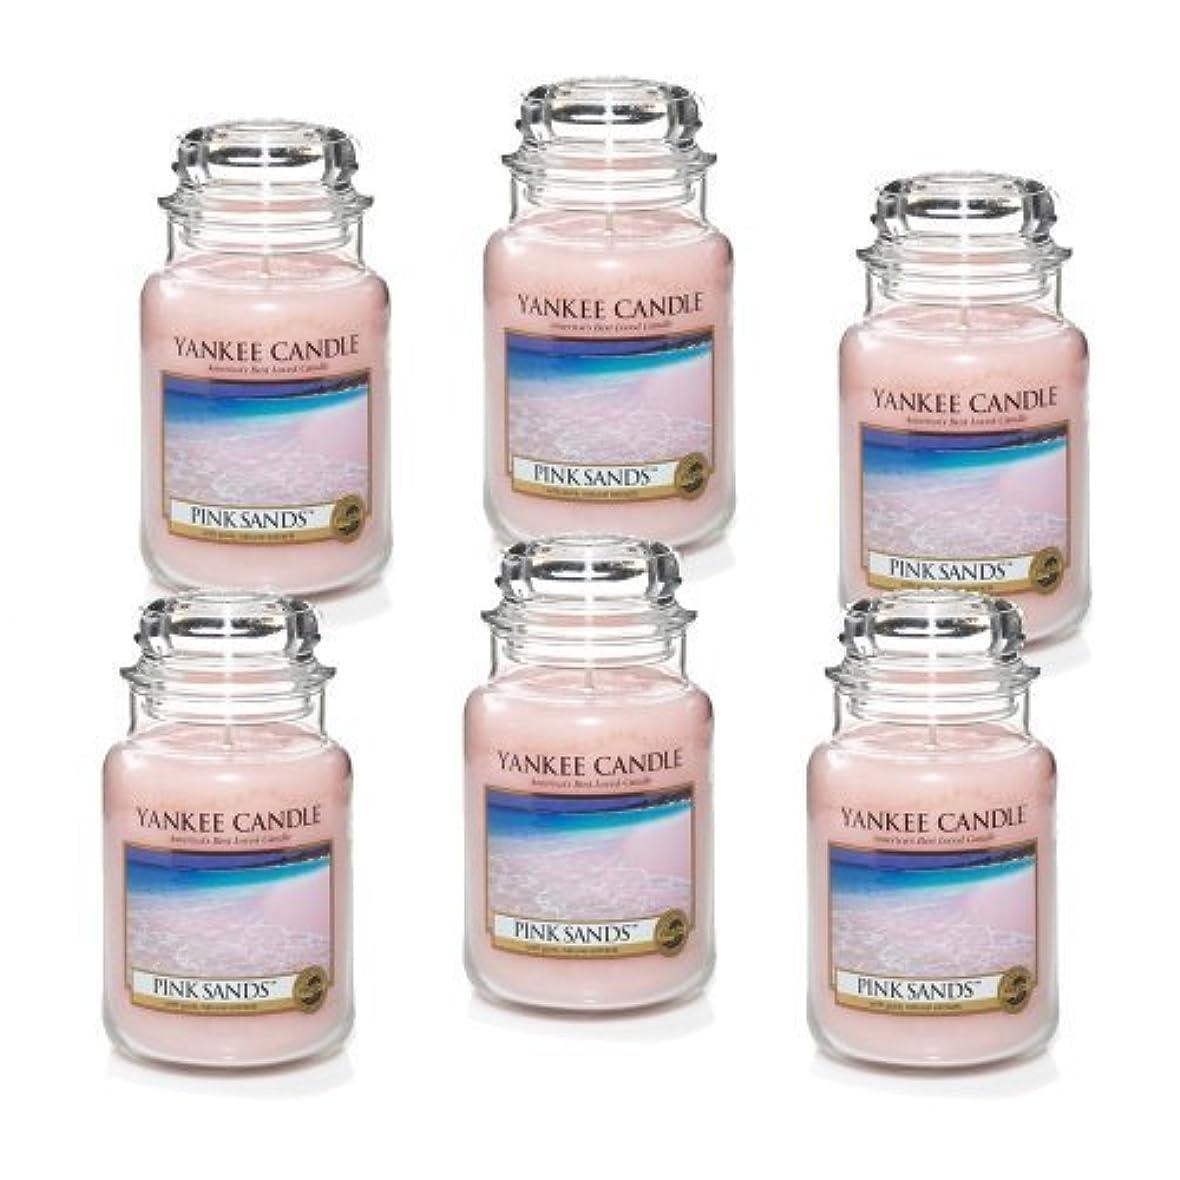 間違い古い商業のYankee Candle Company 22-Ounce Pink Sands Jar Candle, Large, Set of 6 by Amazon source [並行輸入品]